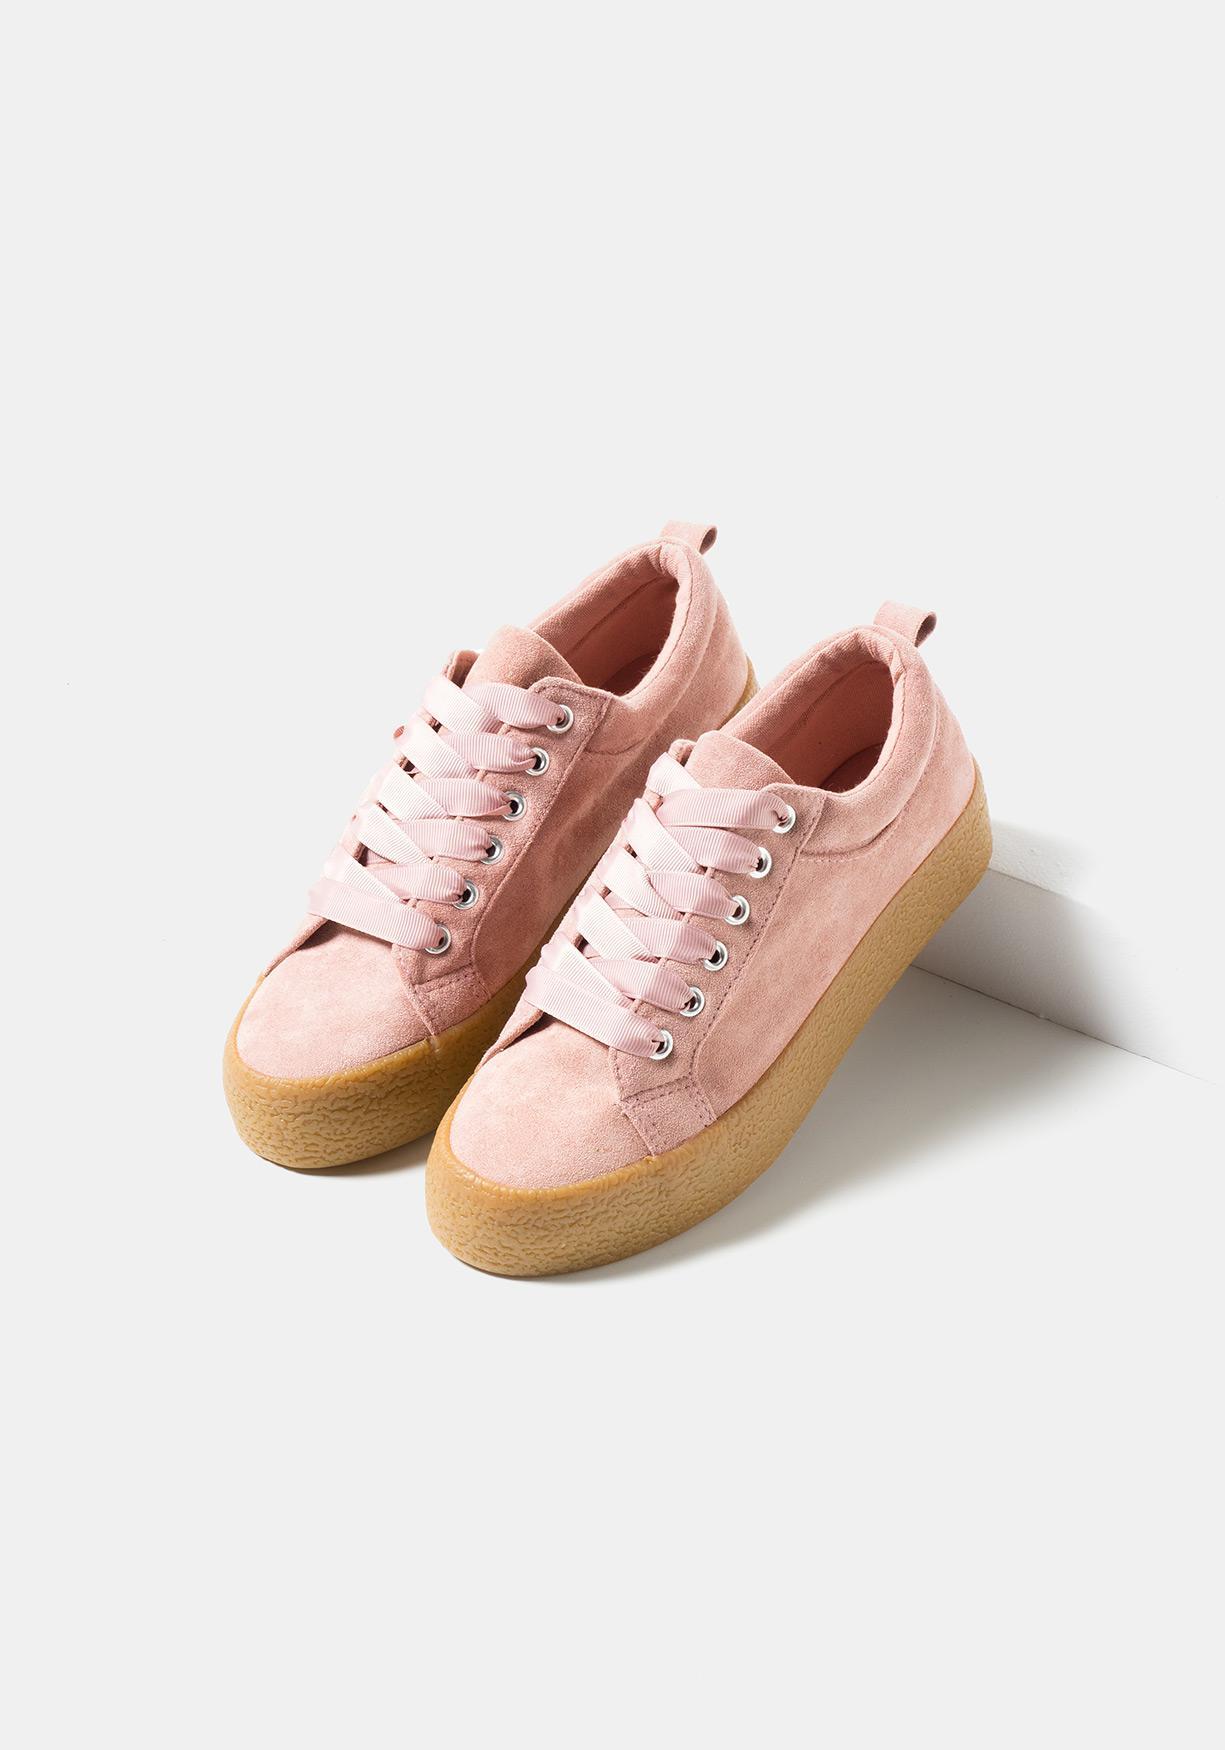 código promocional 527a0 94c7b Comprar Zapatos con cordones de lazo TEX. ¡Aprovéchate de ...